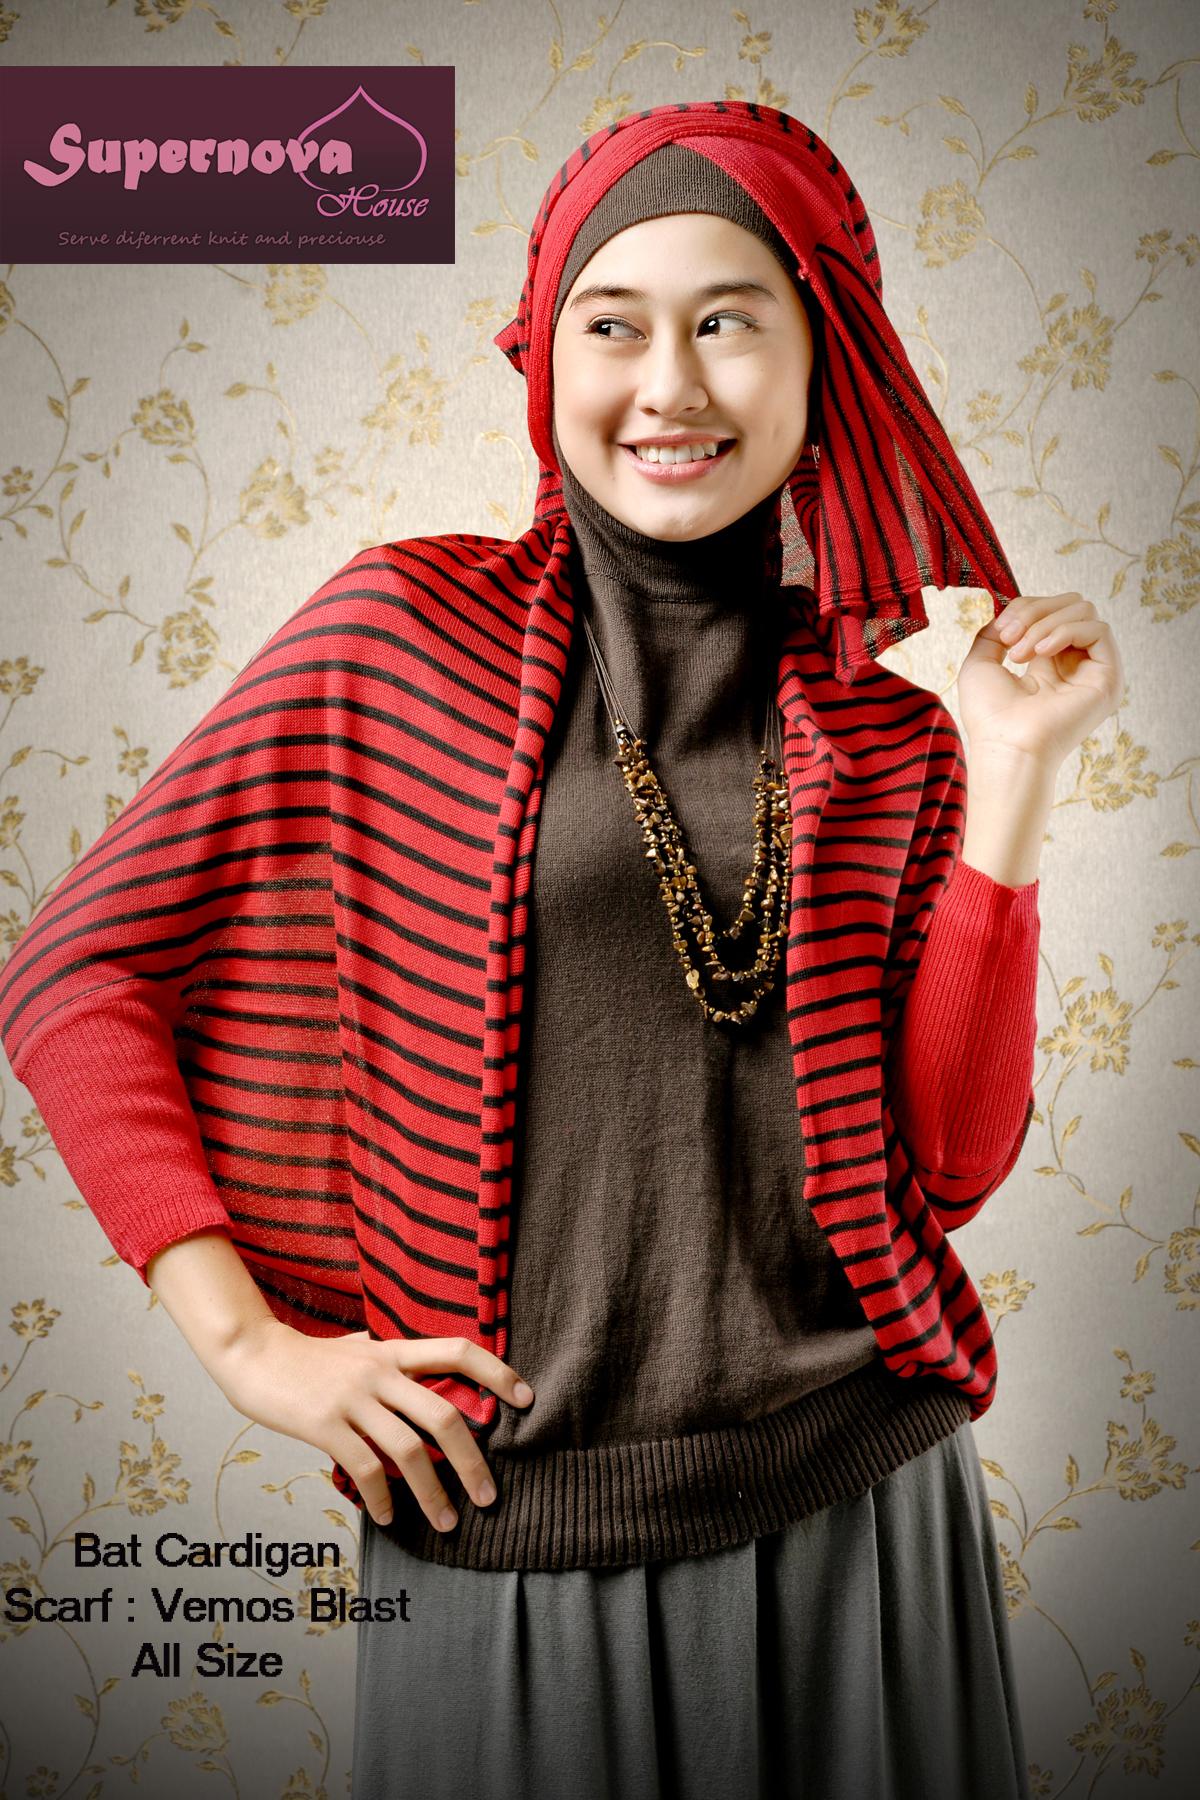 Bat Cardigan Merah Hitam Baju Muslim Gamis Modern